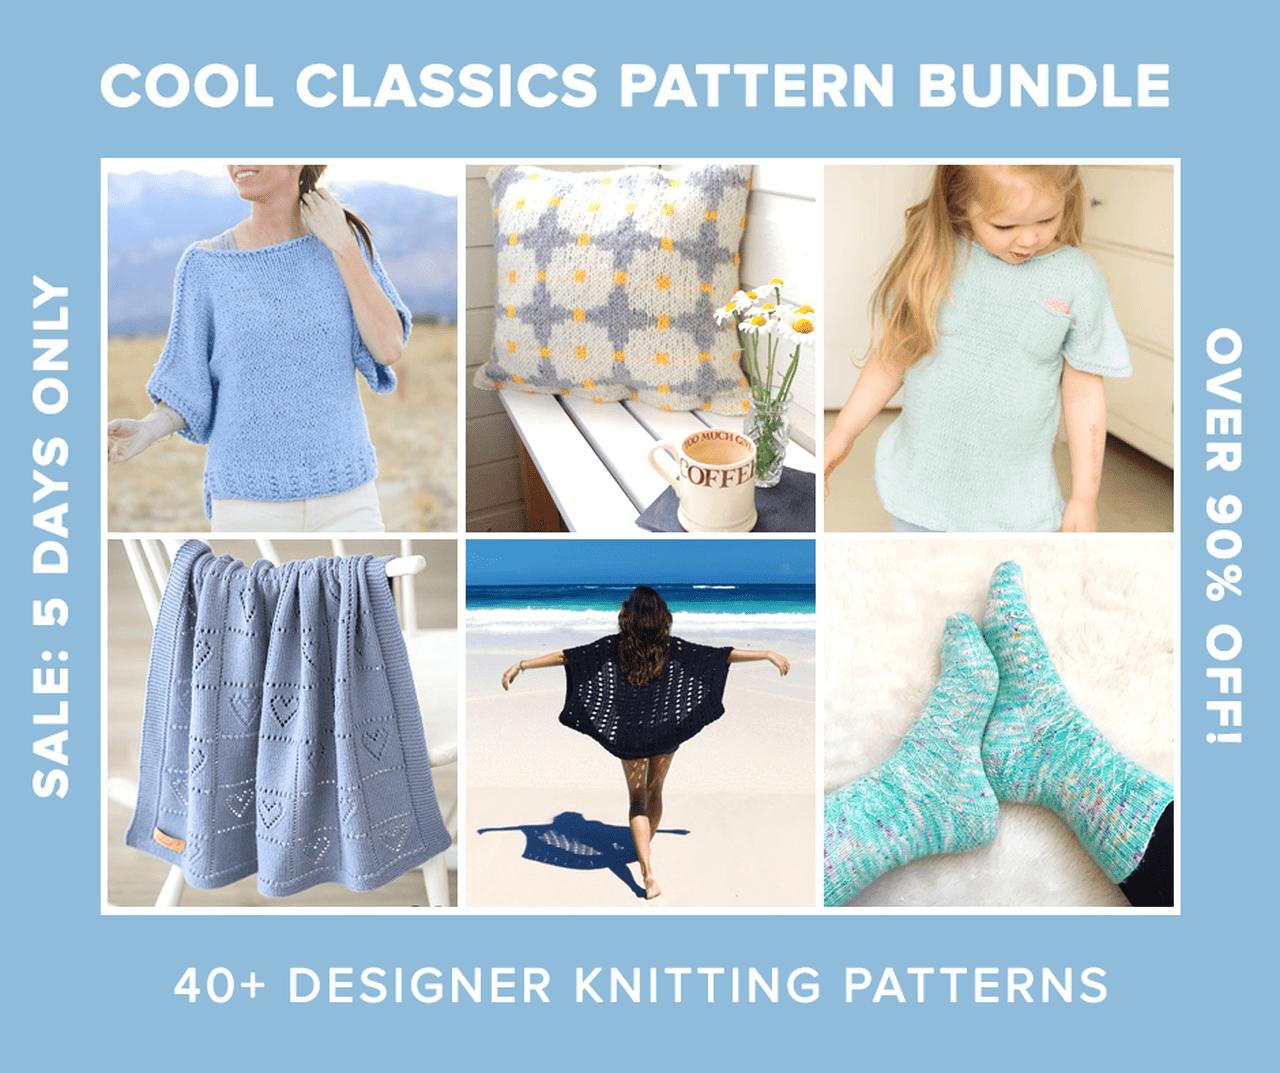 Cool Classics Knitting Pattern Bundle Sale